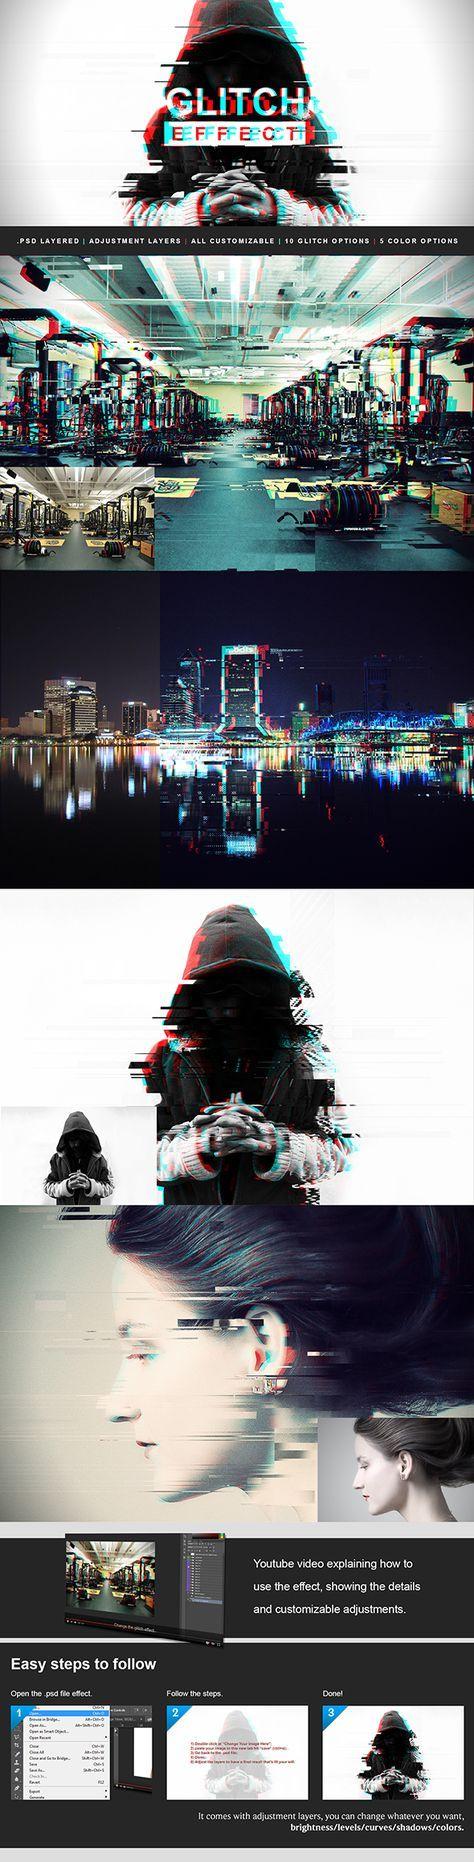 Glitch Effect Download this amazing photo effect at: https://graphicriver.net/item/glitch-effect/17054567?ref=KlitVogli